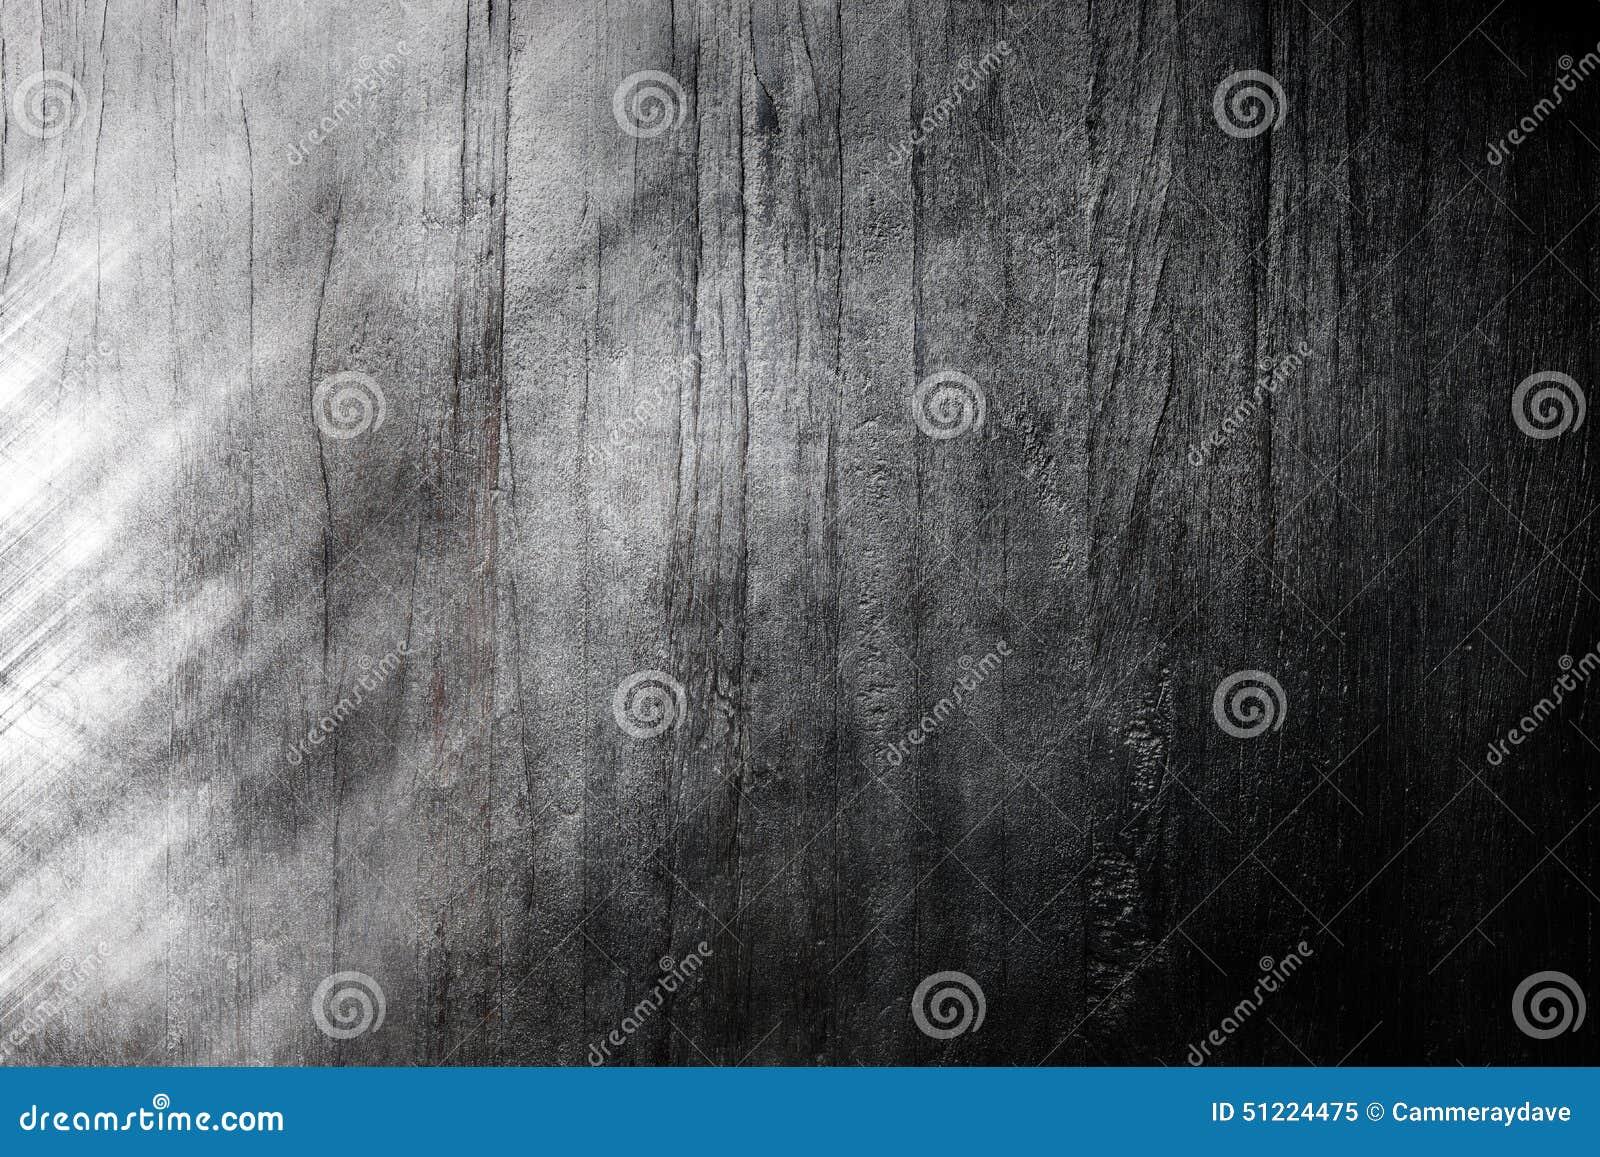 Fondo blanco y negro abstracto